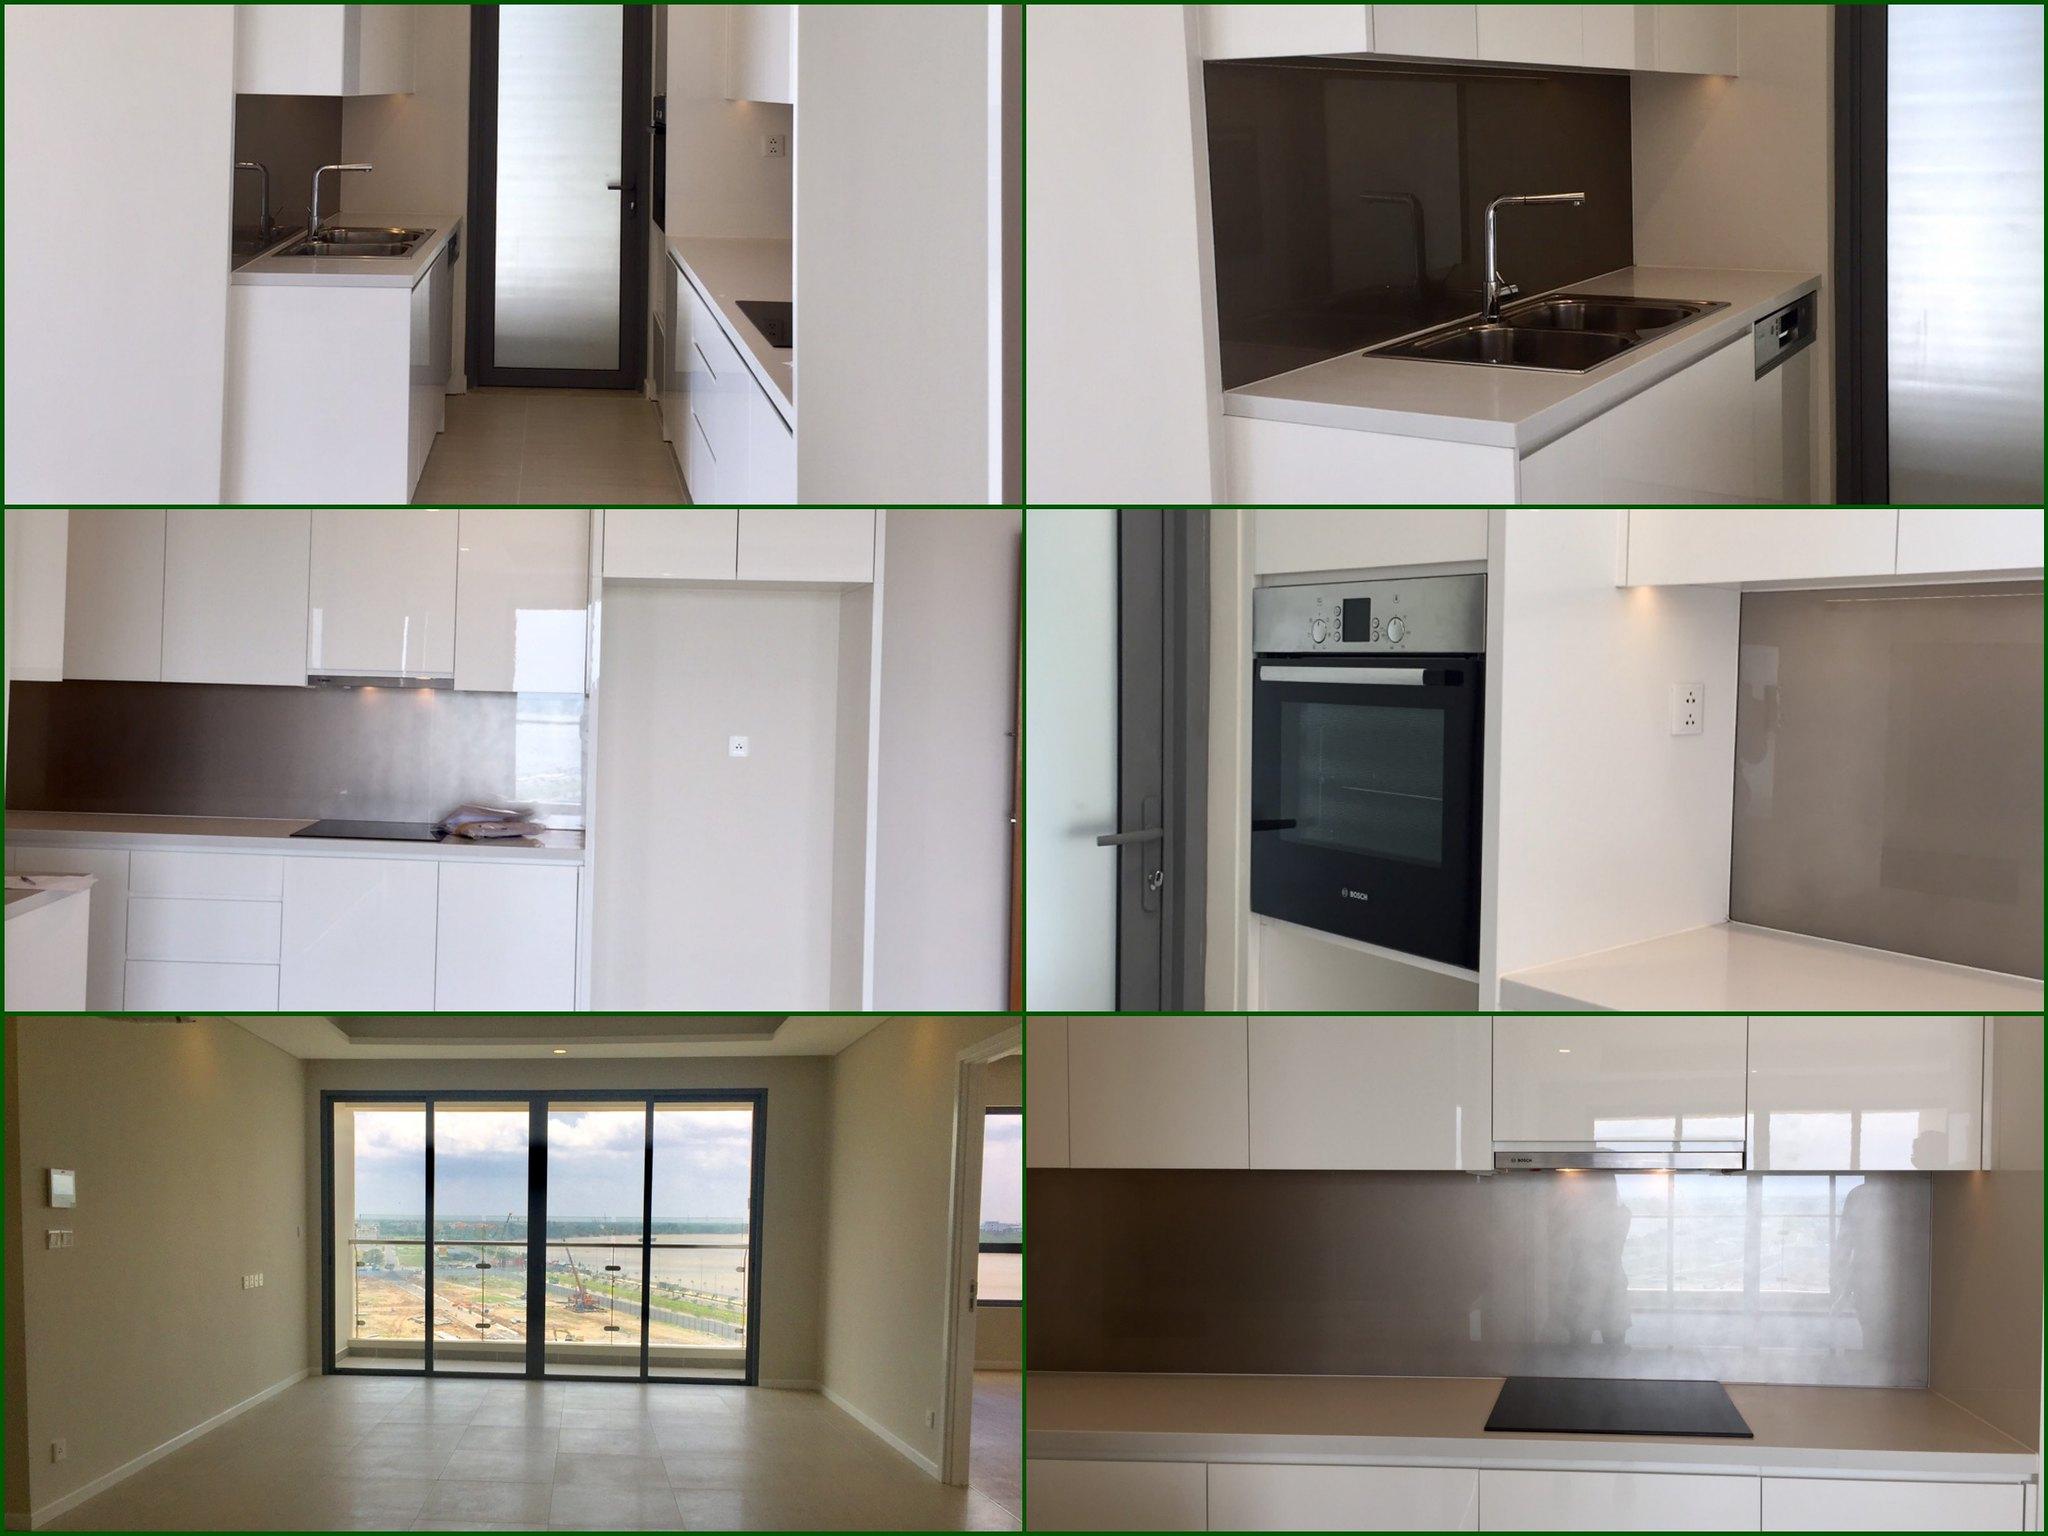 Hình ảnh thực tế căn hộ cho thuê nội thất cơ bản tại Diamond Island